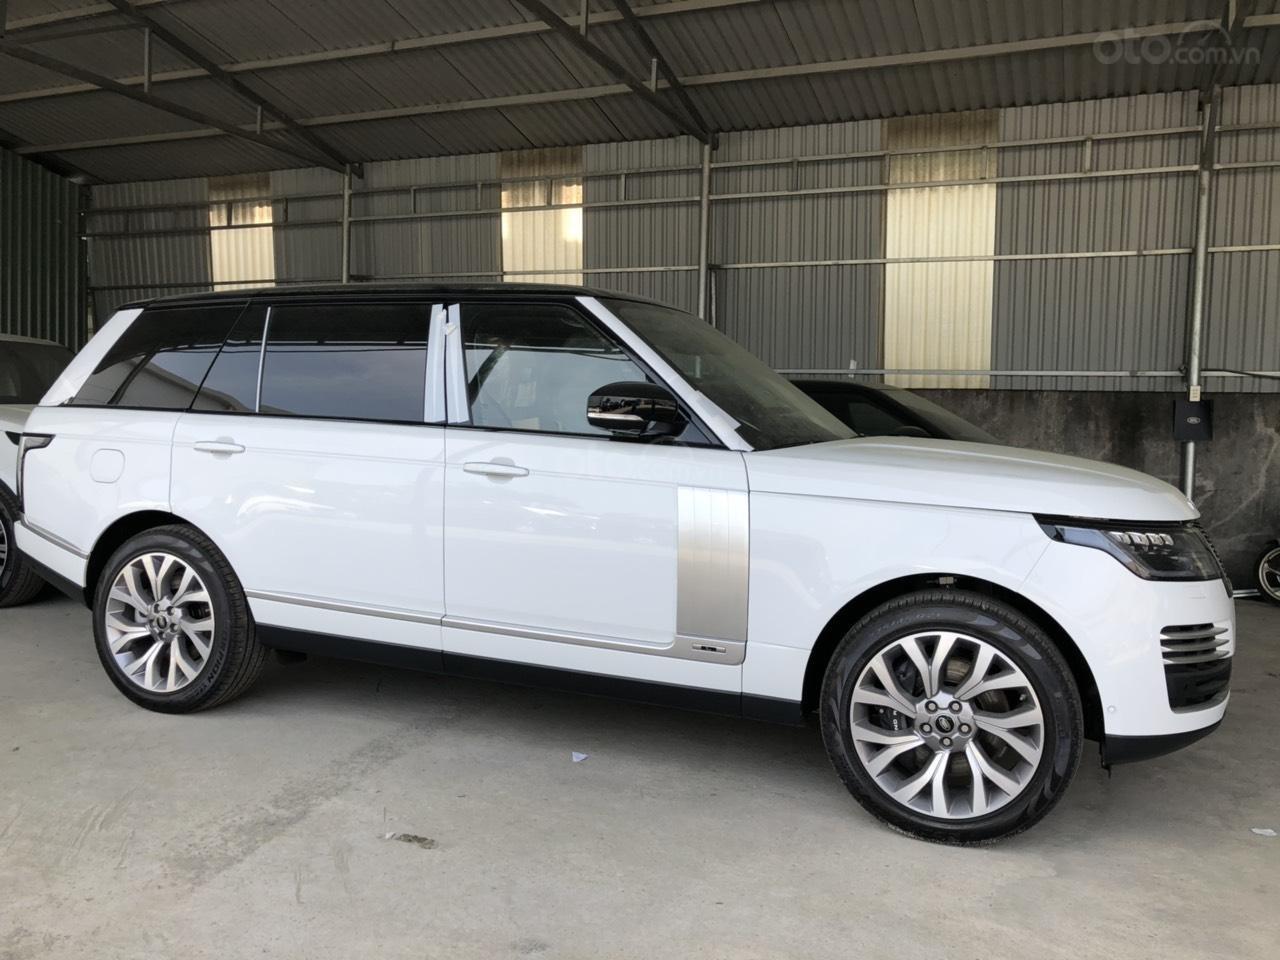 093 22222 53 bán LandRover Range Rover Autobiography Long 2019, màu trắng, đen, xanh, xám - giao xe - toàn quốc (5)